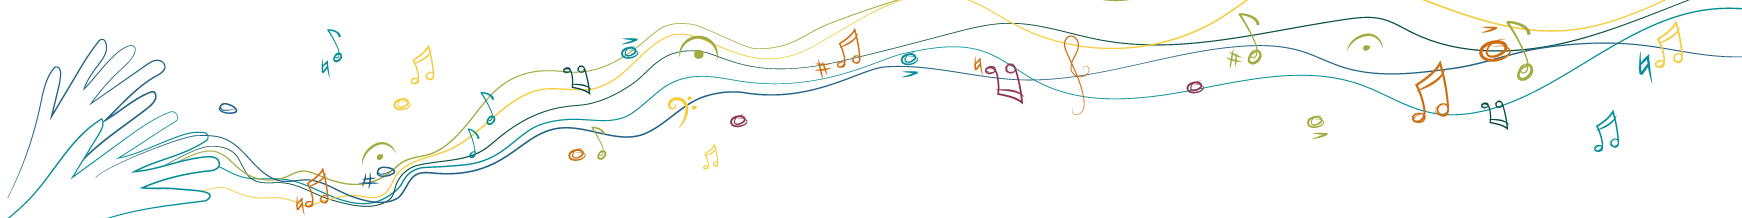 Improvisation line drawing banner